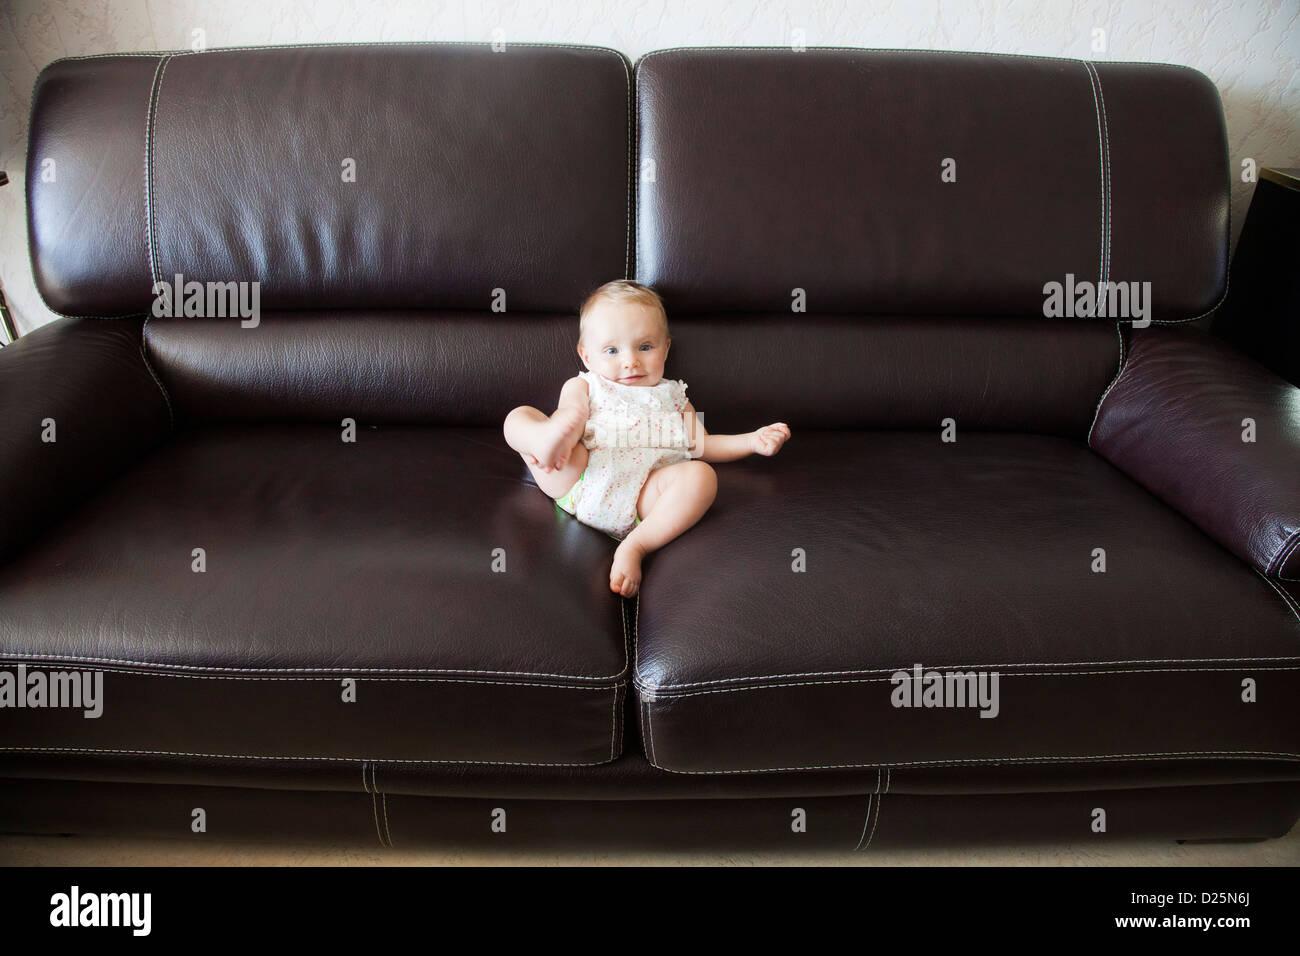 Lunghezza completa interni interni interni Interni interno seduta Sit si trova seduto solo Lonesome singolo 1 individualità Immagini Stock